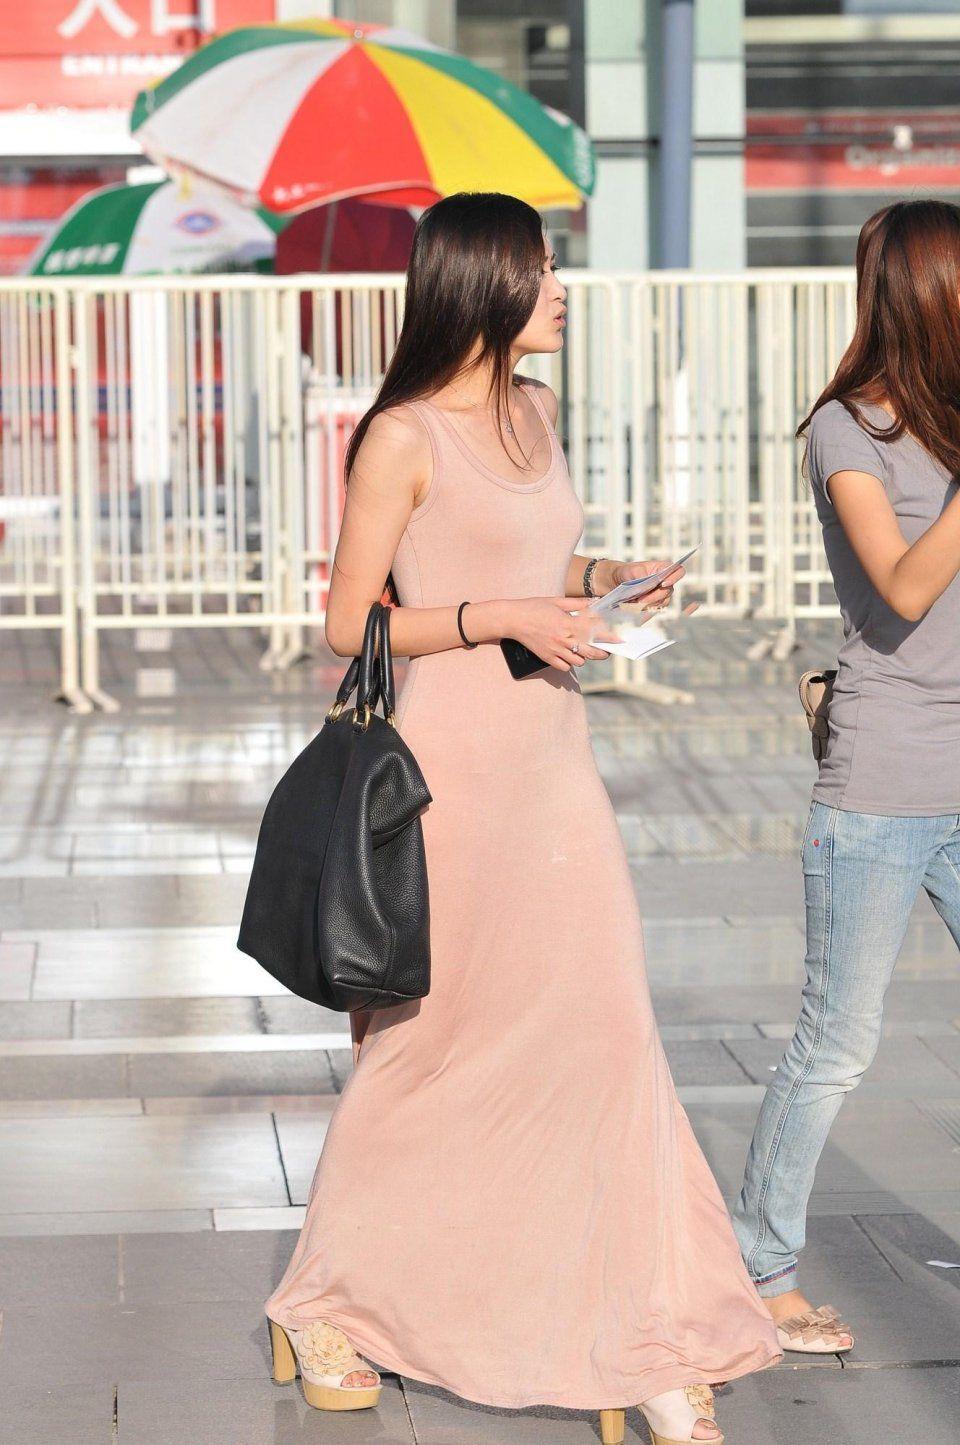 少妇粉色穴_街拍,身材好气质佳,一条粉色露背长裙真是给少妇增添了不少魅力